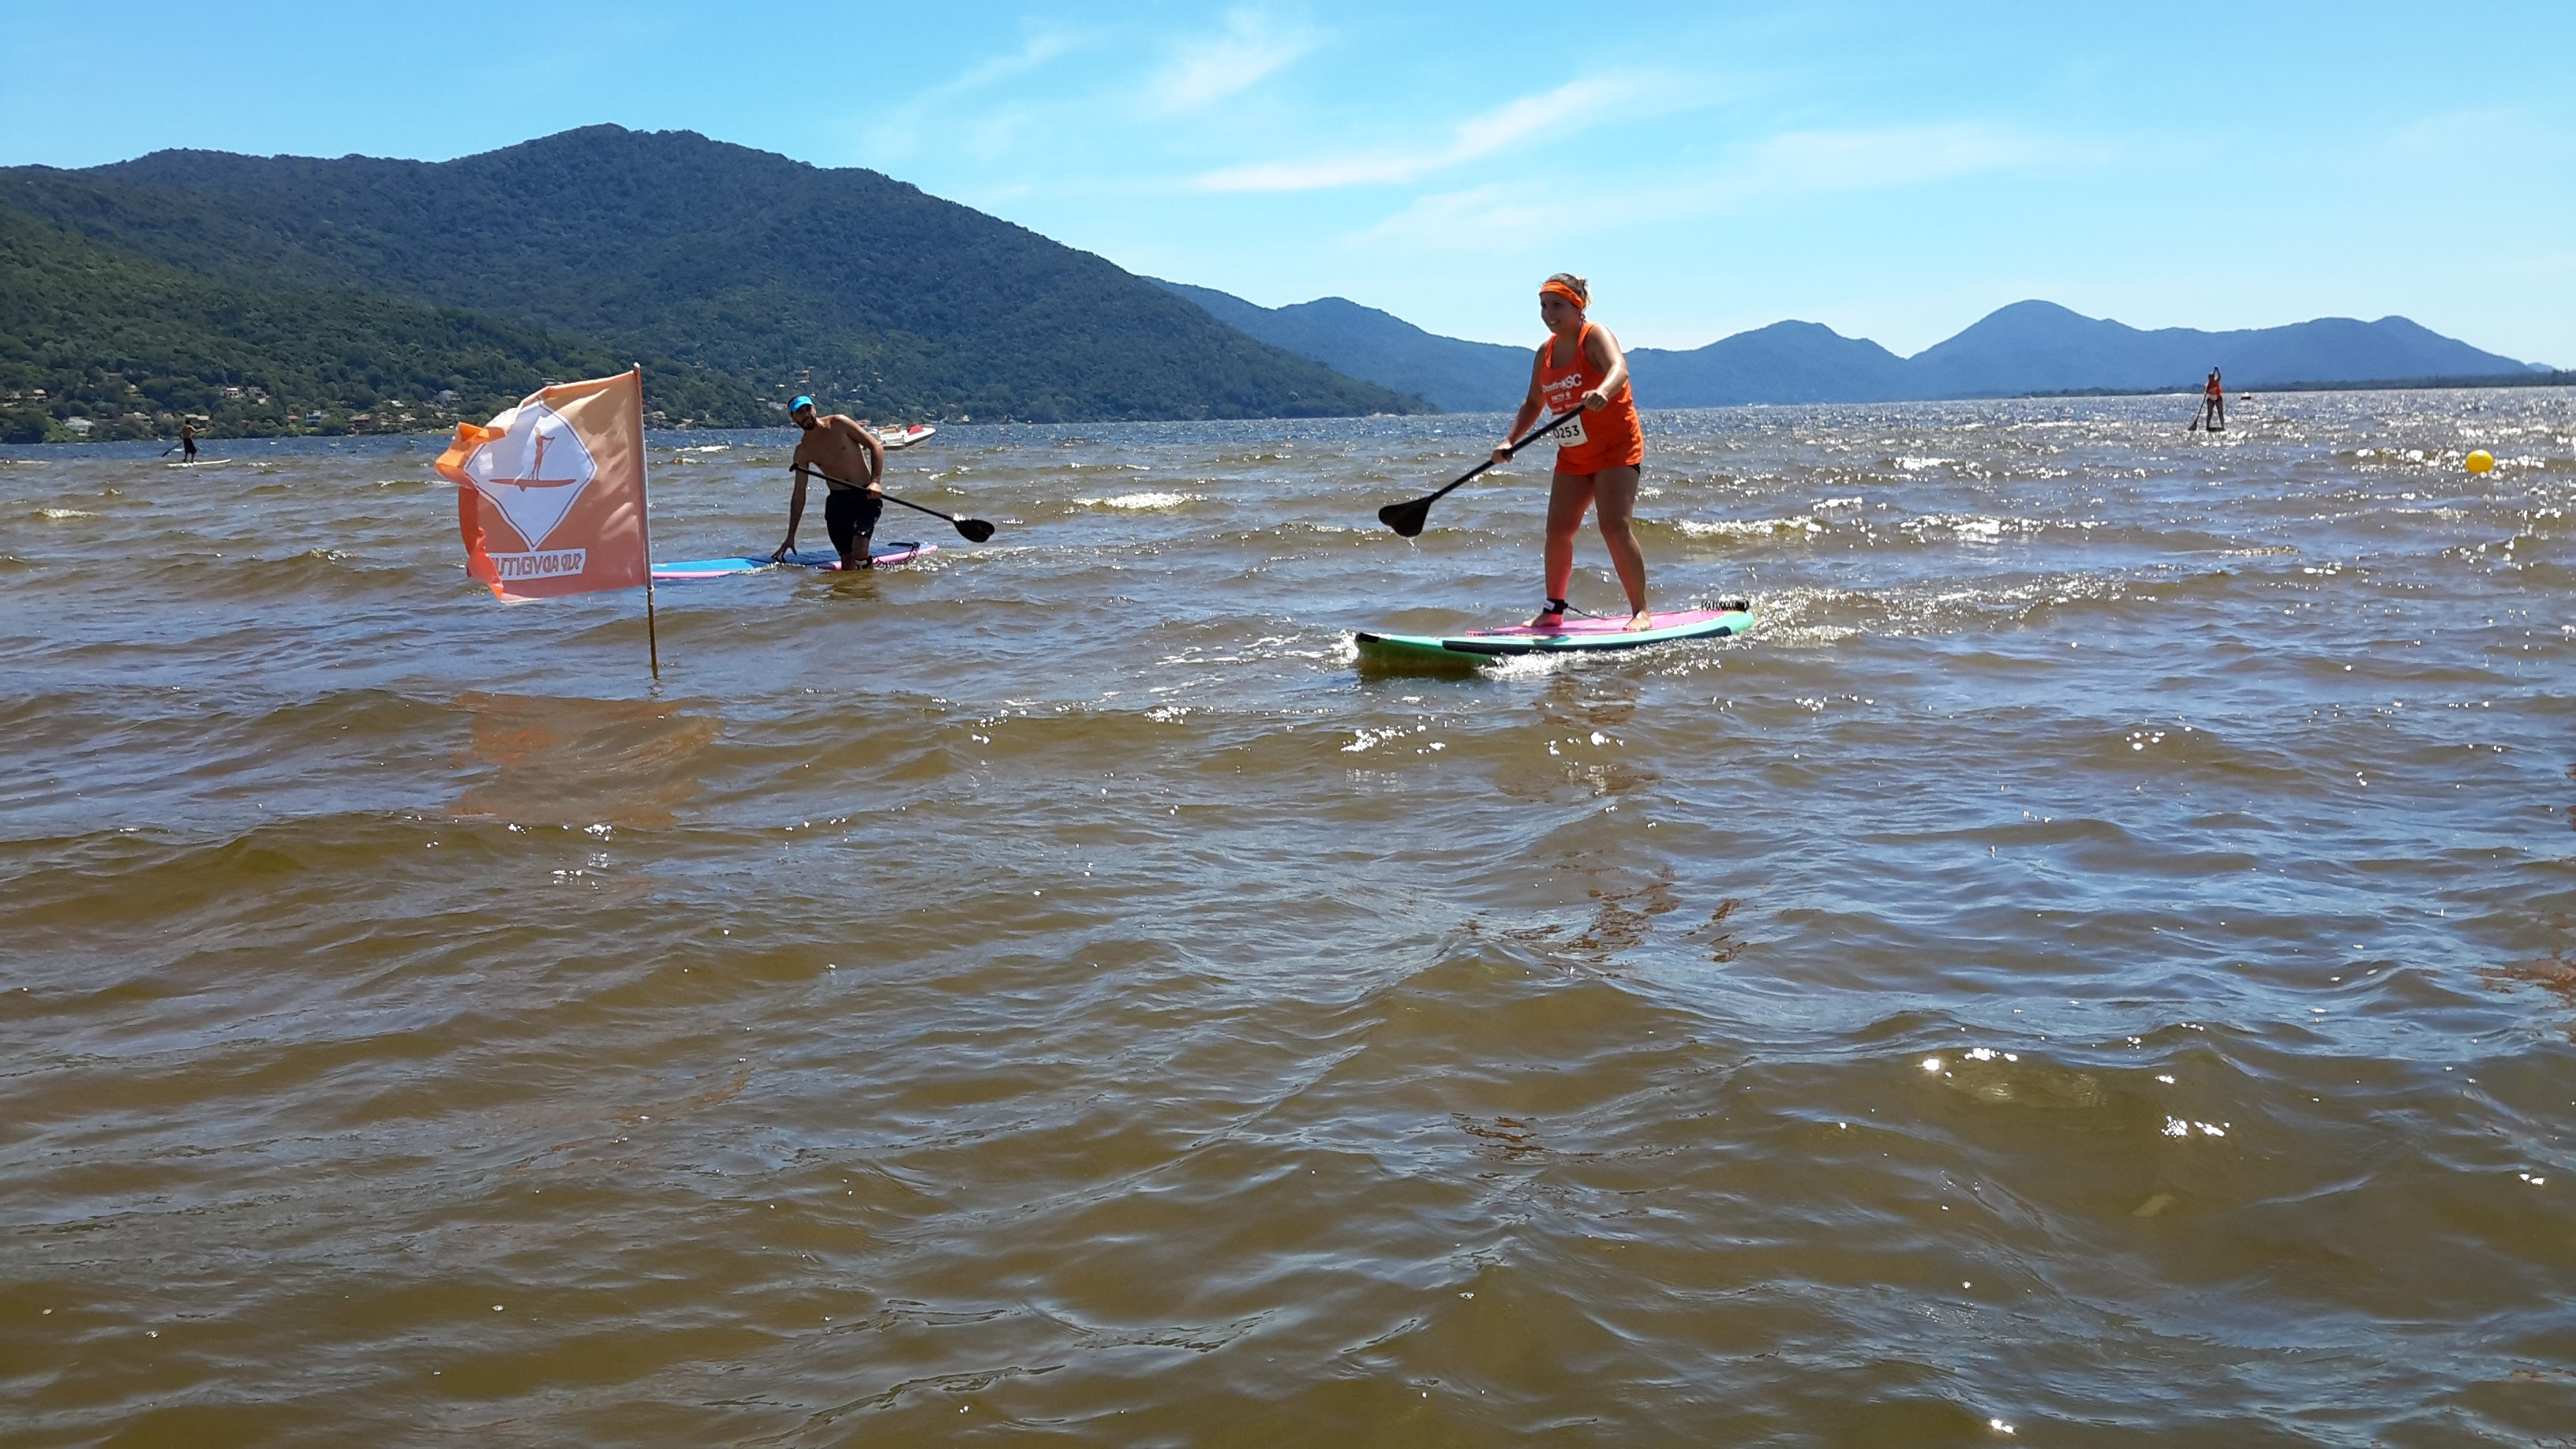 Festival Destino SC de Stand Up Paddle